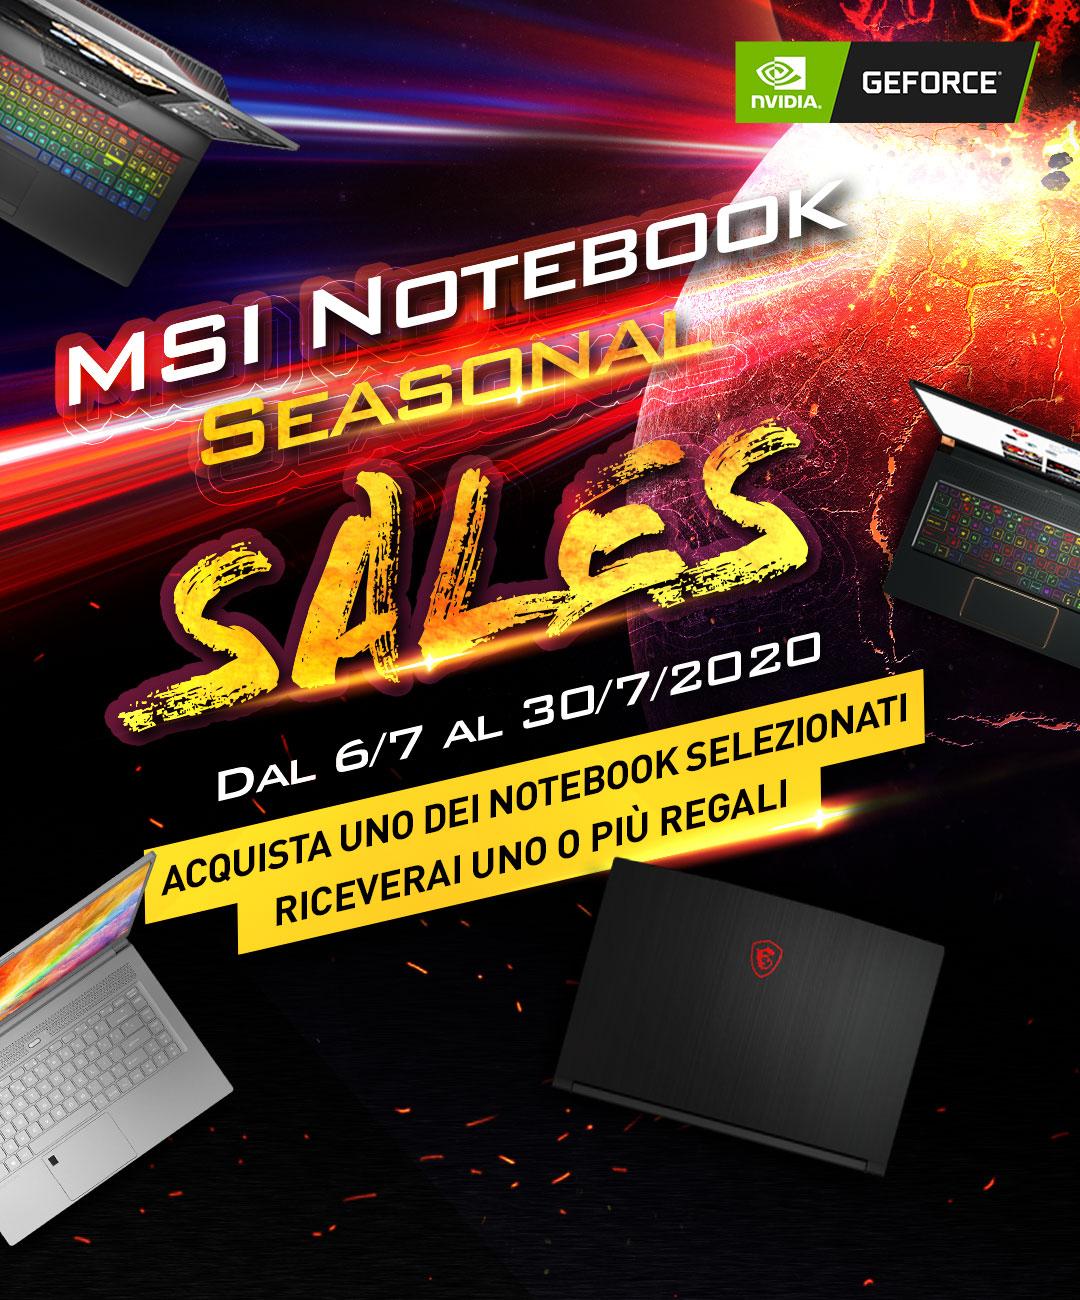 MSI Notebook seasonal sales